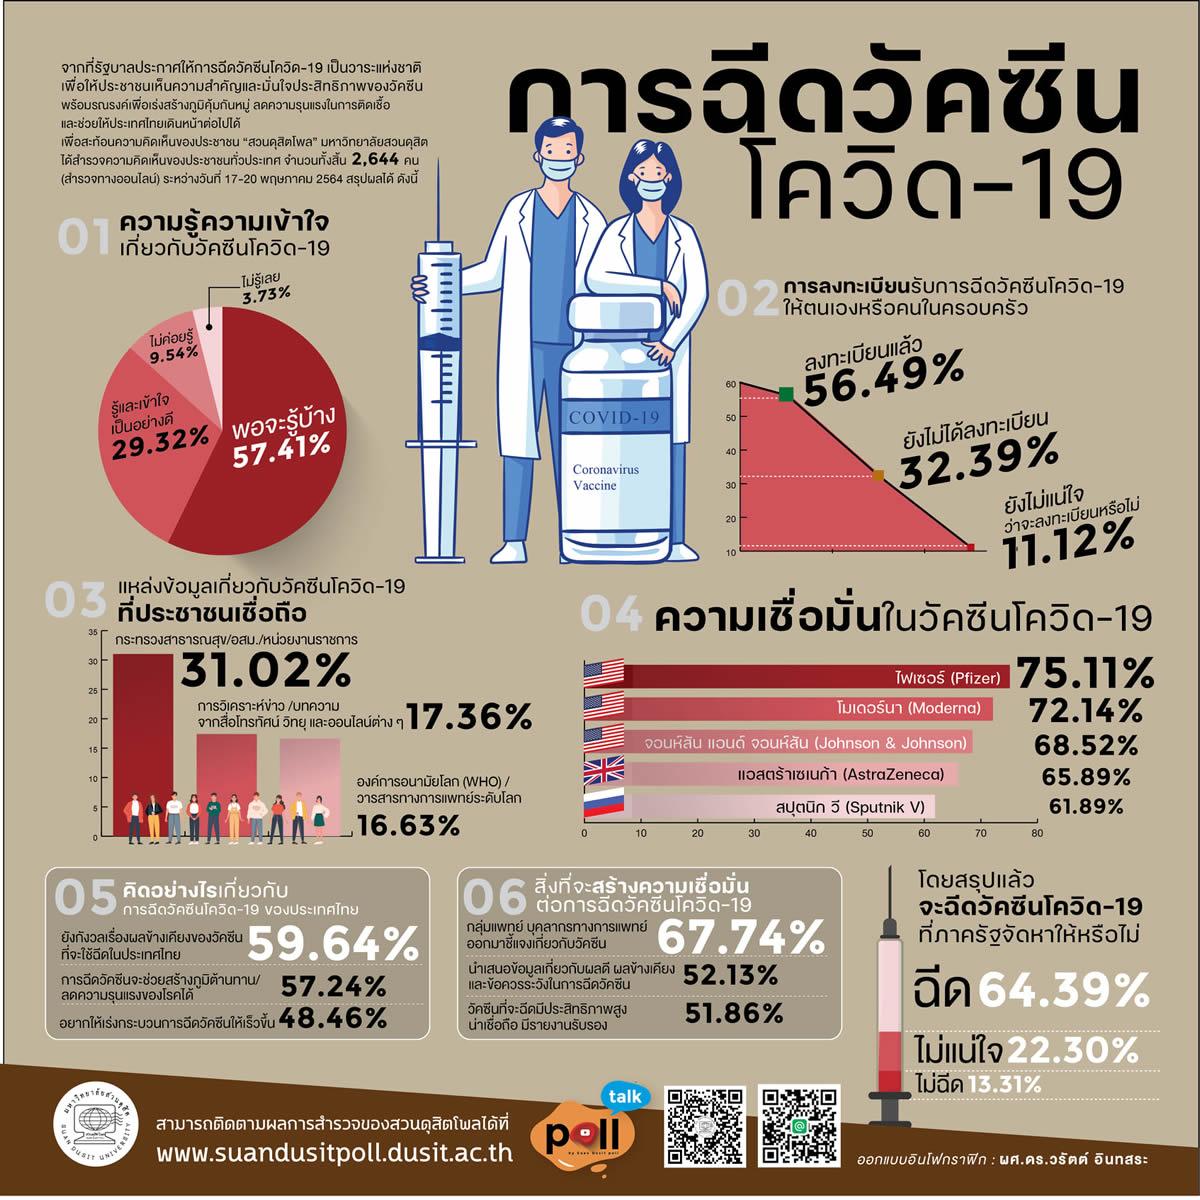 タイ人が信頼する新型コロナウイルスワクチンのブランドは?[世論調査]